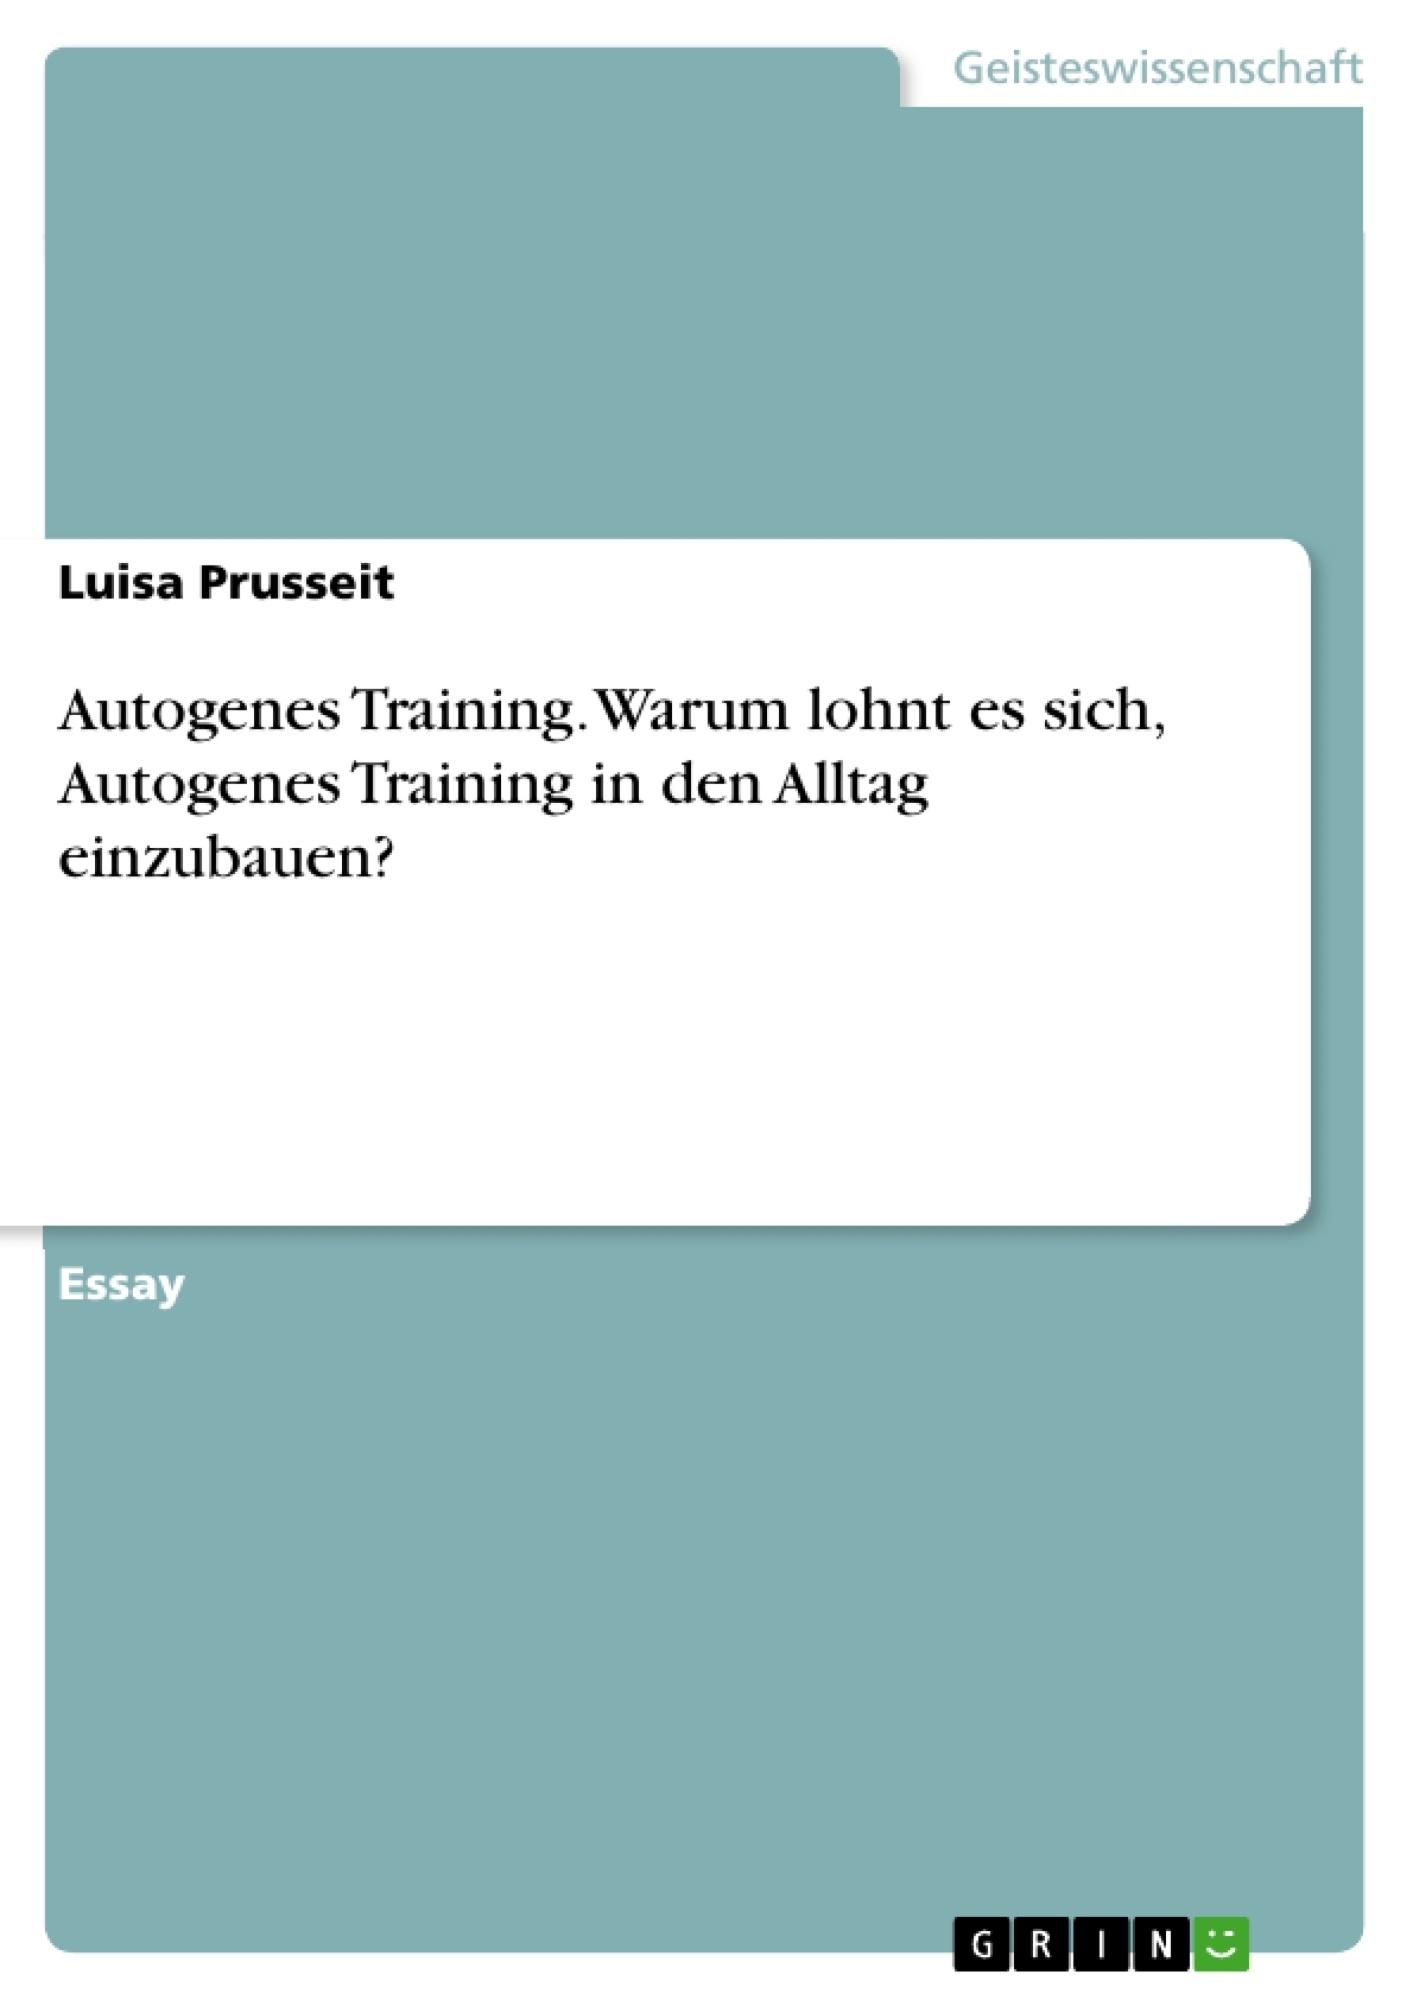 Titel: Autogenes Training. Warum lohnt es sich, Autogenes Training in den Alltag einzubauen?